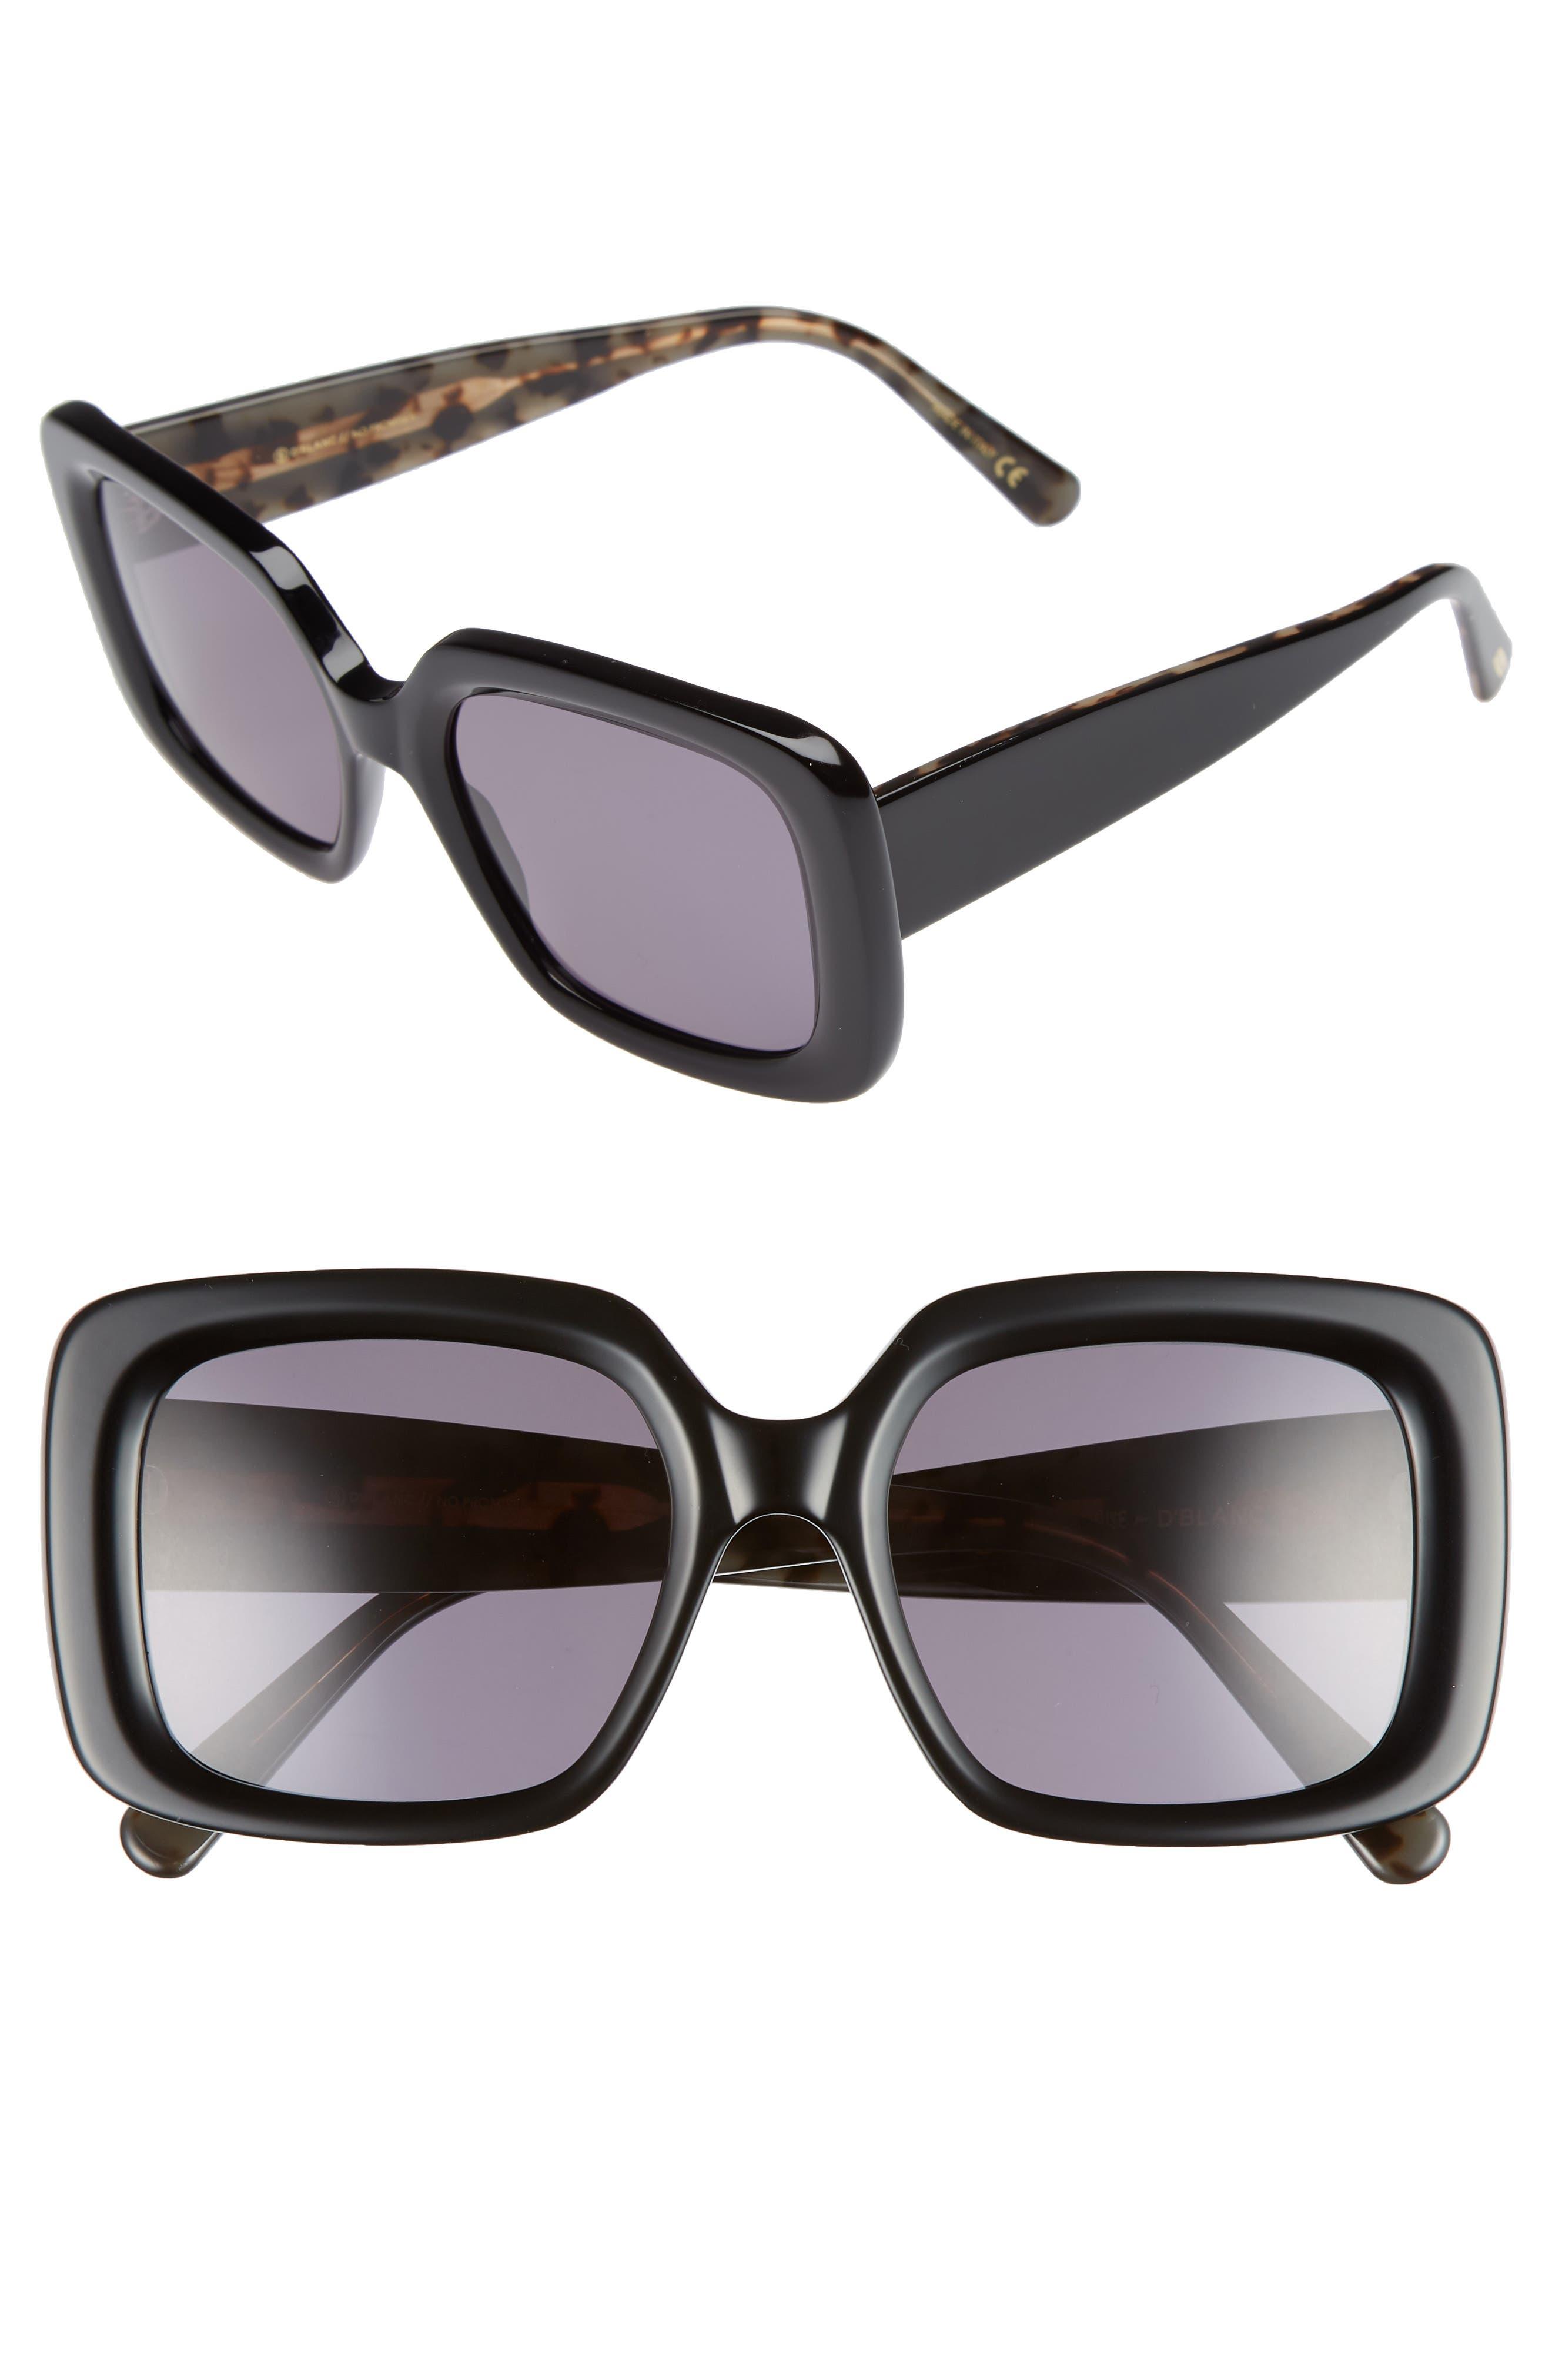 D'BLANC No Promises 53mm Sunglasses,                         Main,                         color, 001